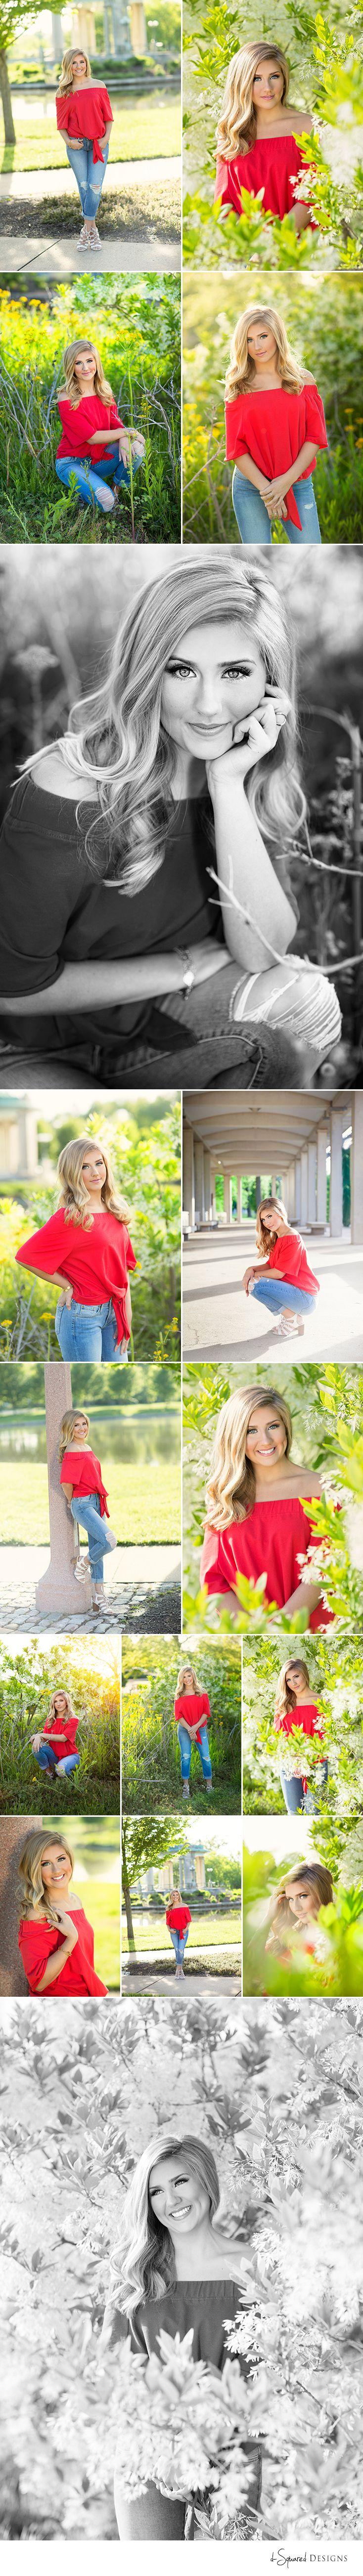 Grace   St. Louis, MO Senior Photography   dsqdesigns.com